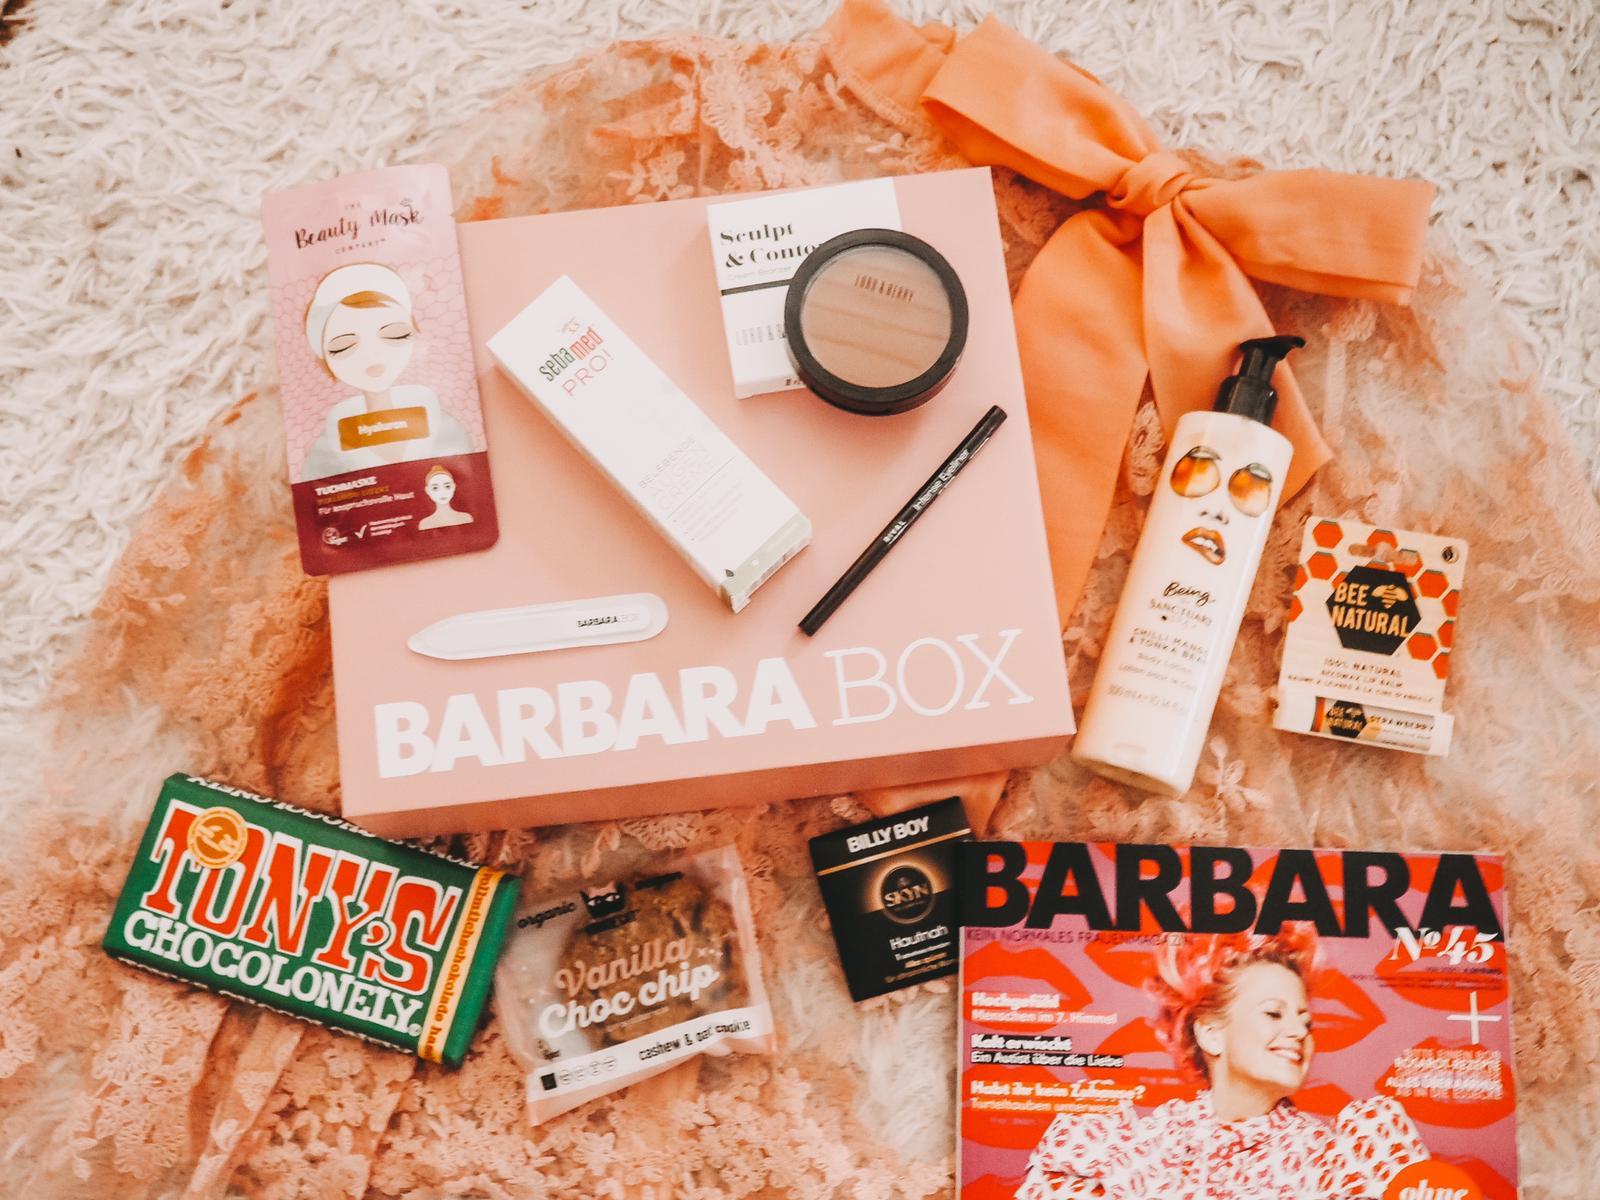 Unboxing Barbara Box Ein Hoch auf Mich